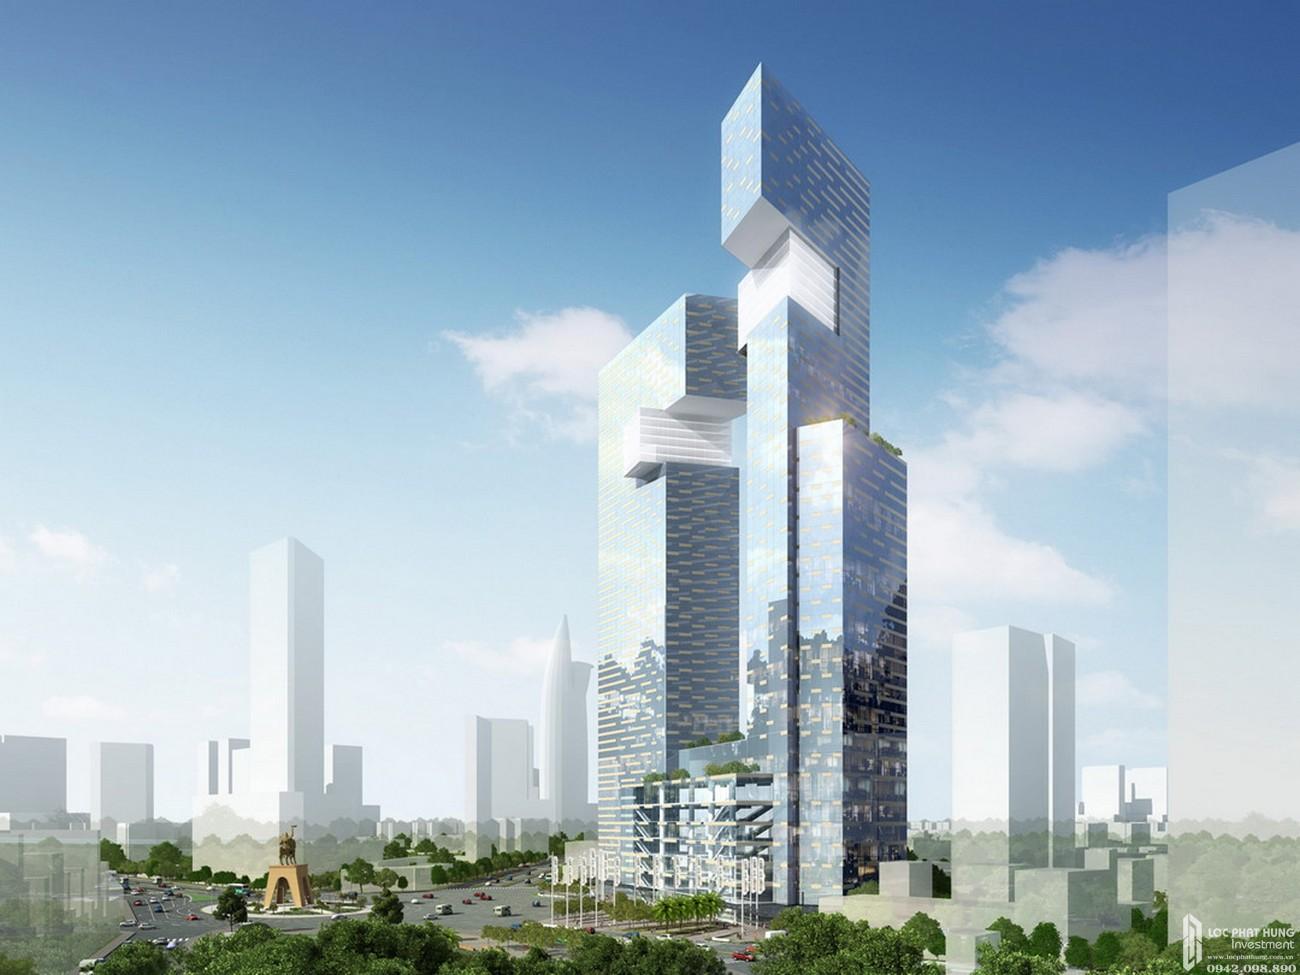 Dự án Spirit of Saigon - Dự án chung cư sắp mở bán tại TPHCM